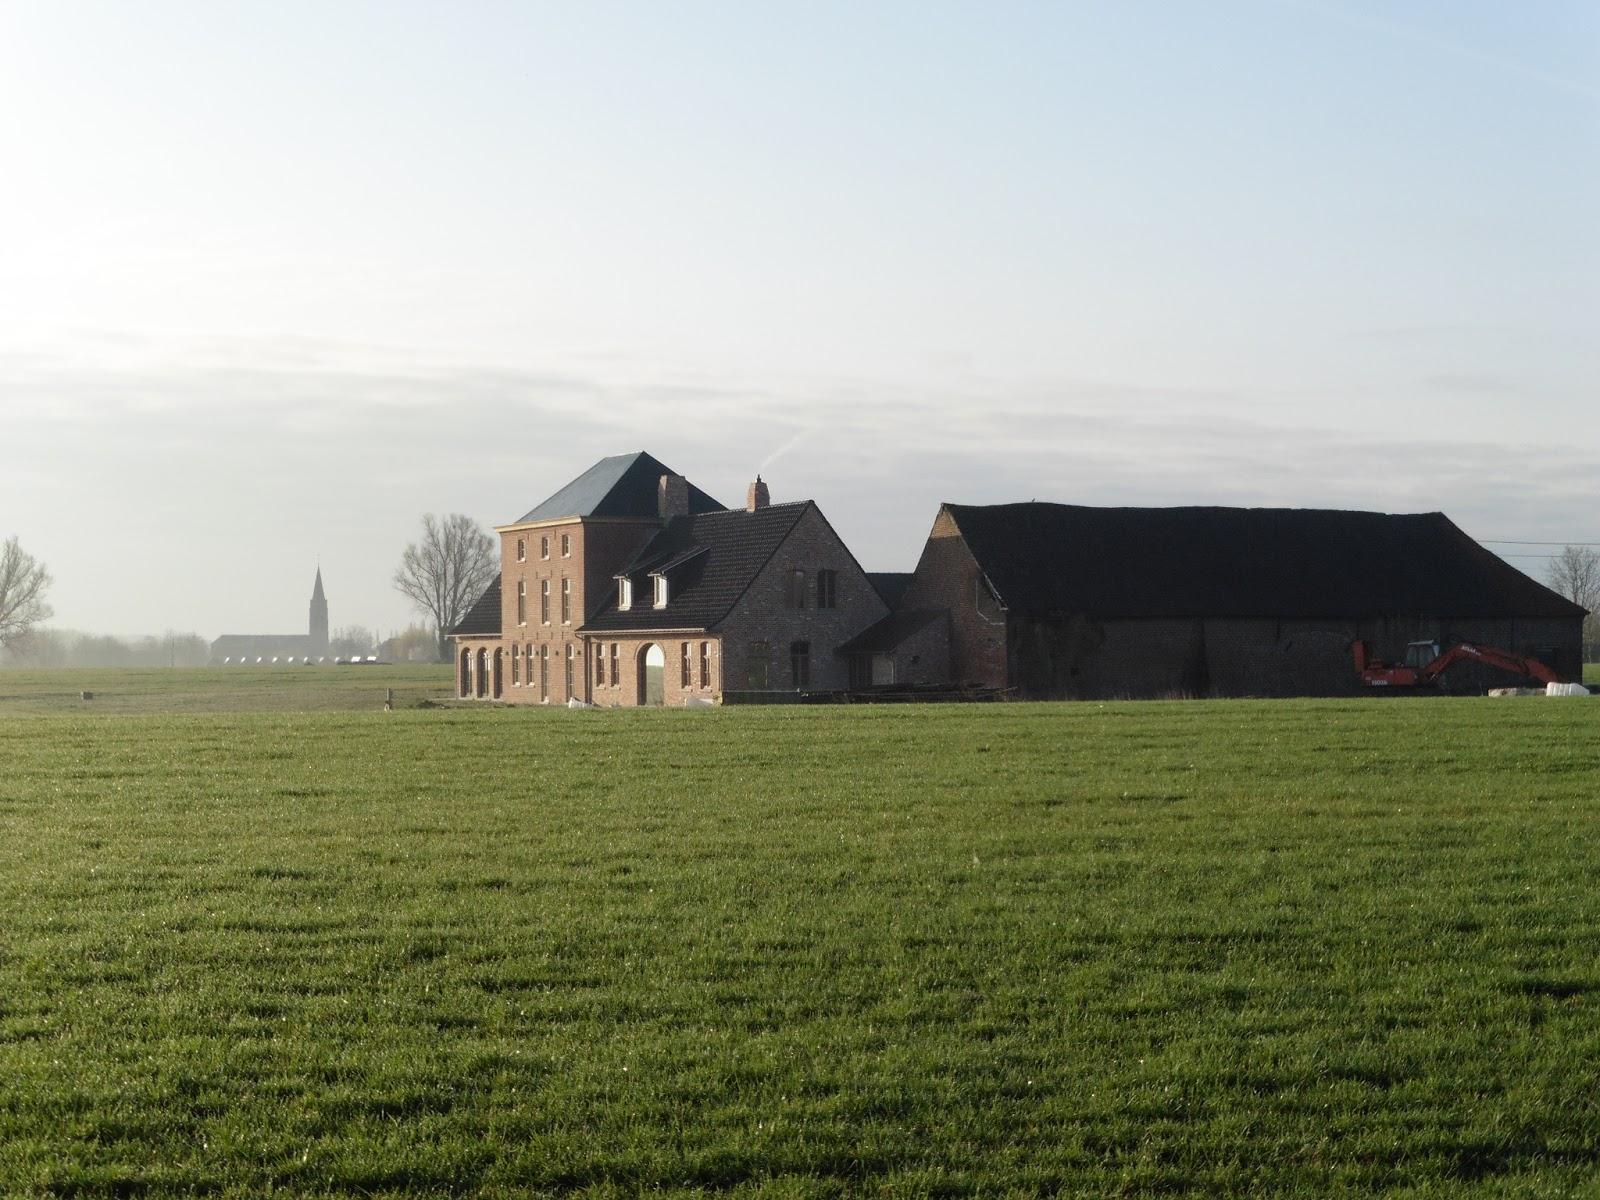 vierkantshoeve in Kooigem